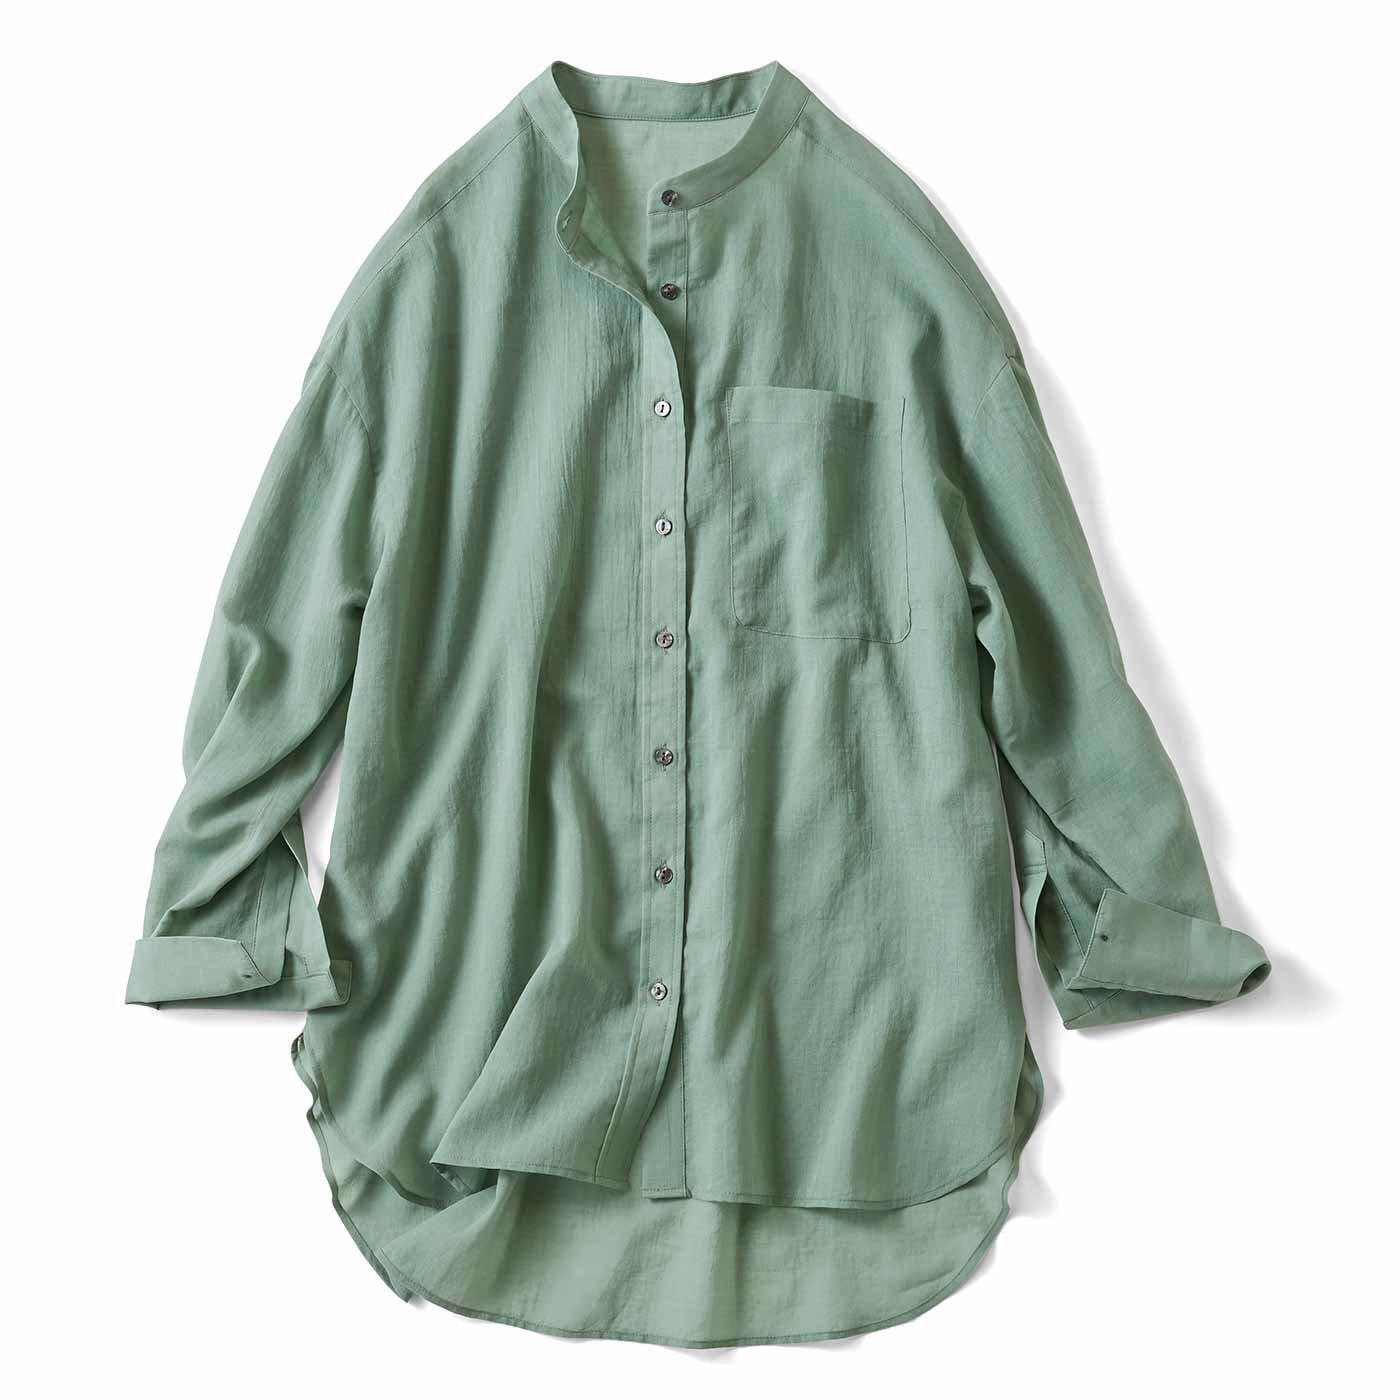 リブ イン コンフォート サラッとはおって大人のおしゃれ 着こなしの幅も広がるコットンシアーシャツ〈グリーン〉